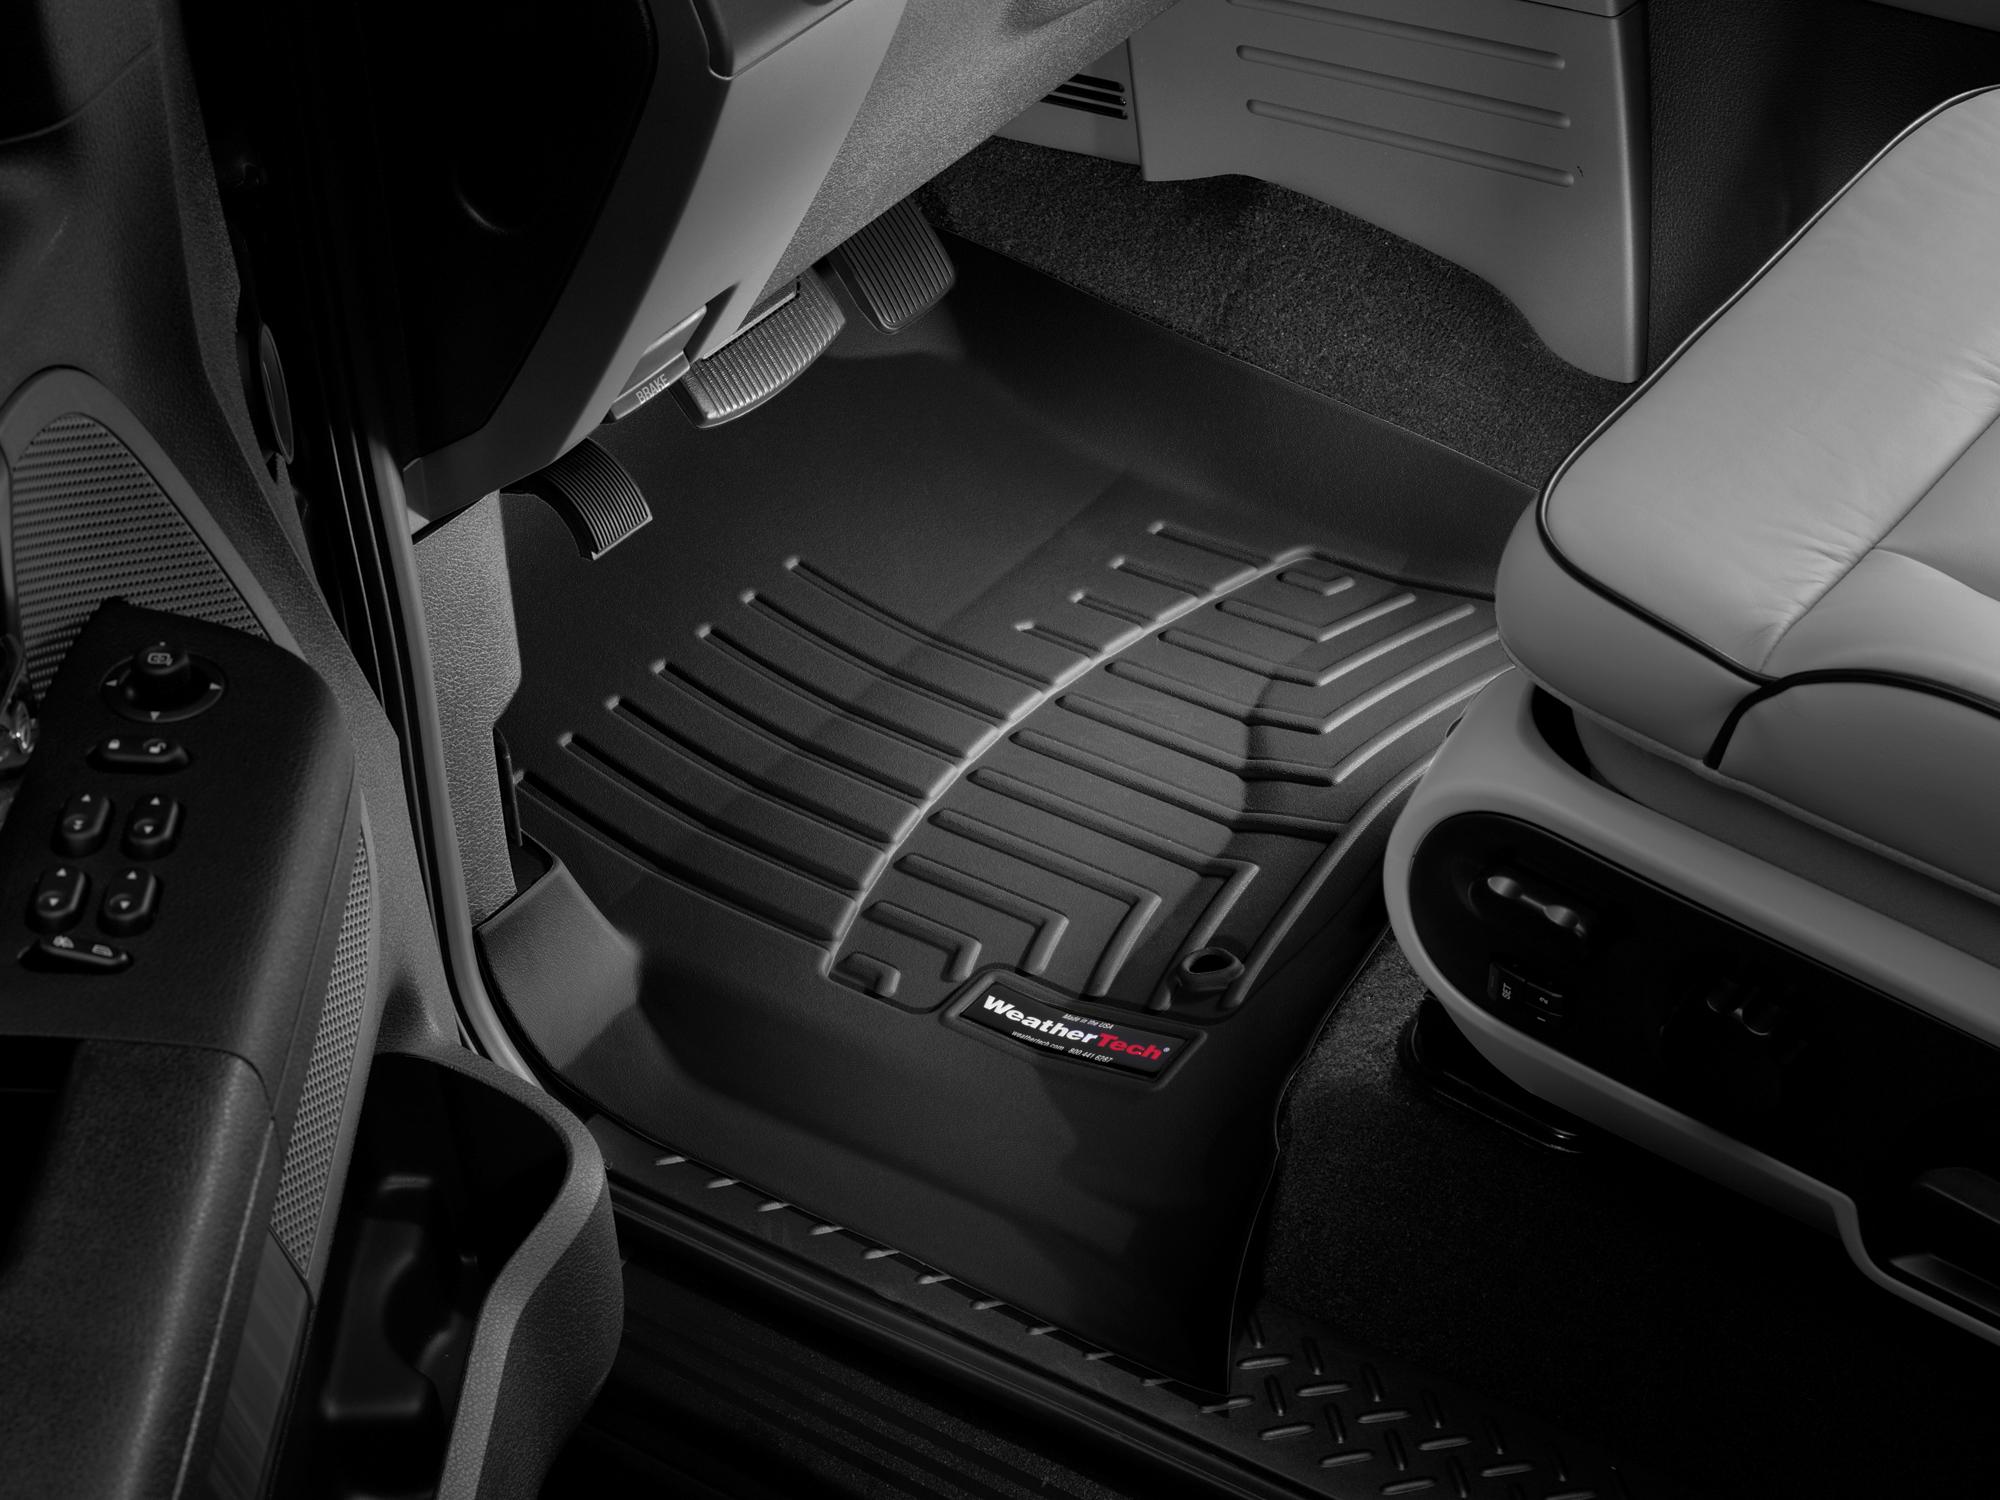 Tappeti gomma su misura bordo alto Ford F-150 04>04 Nero A886*